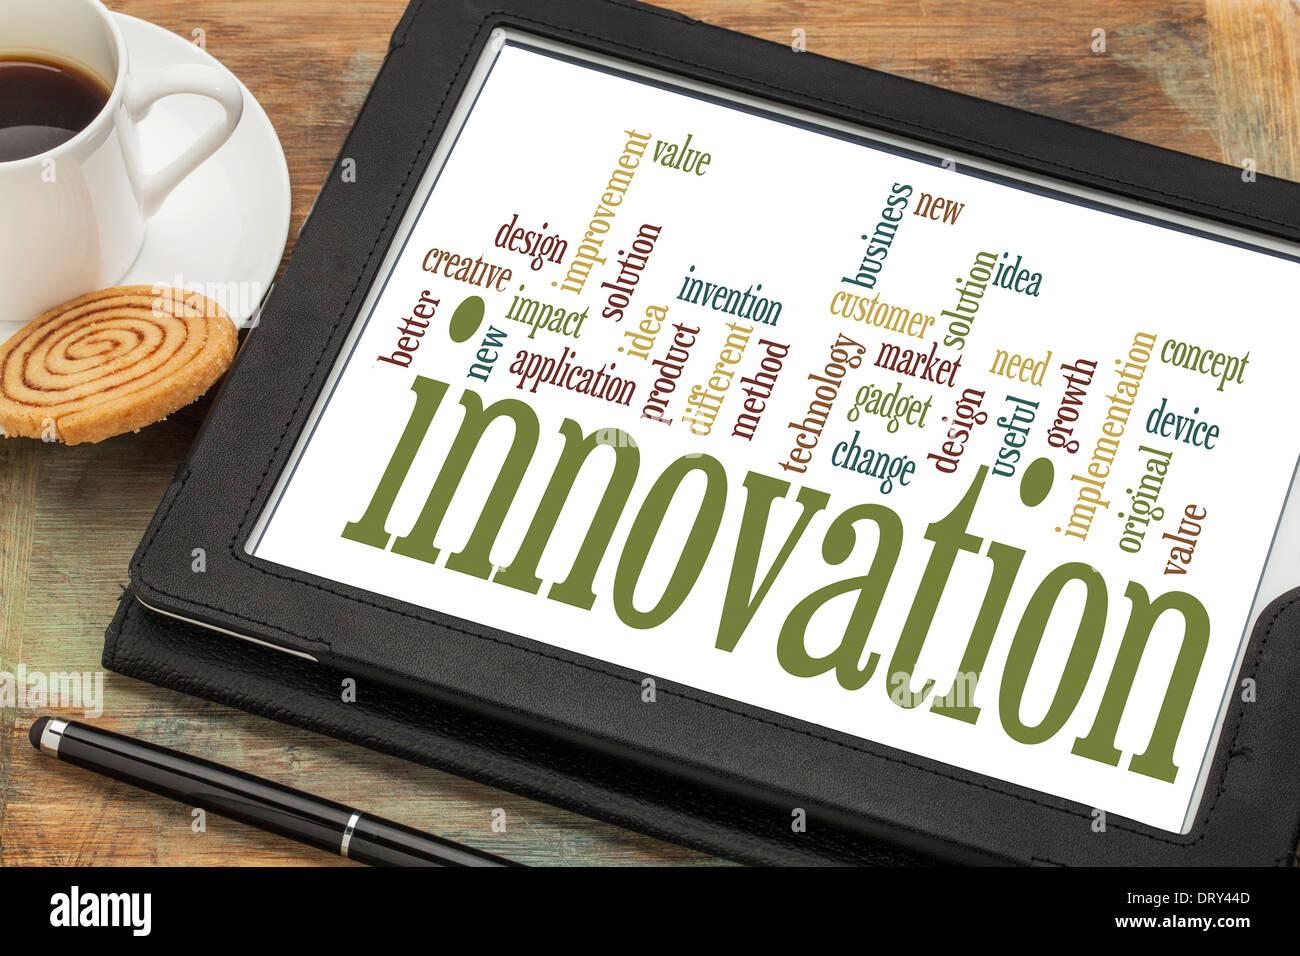 Il concetto di innovazione - word cloud su una tavoletta digitale con una tazza di caffè Immagini Stock